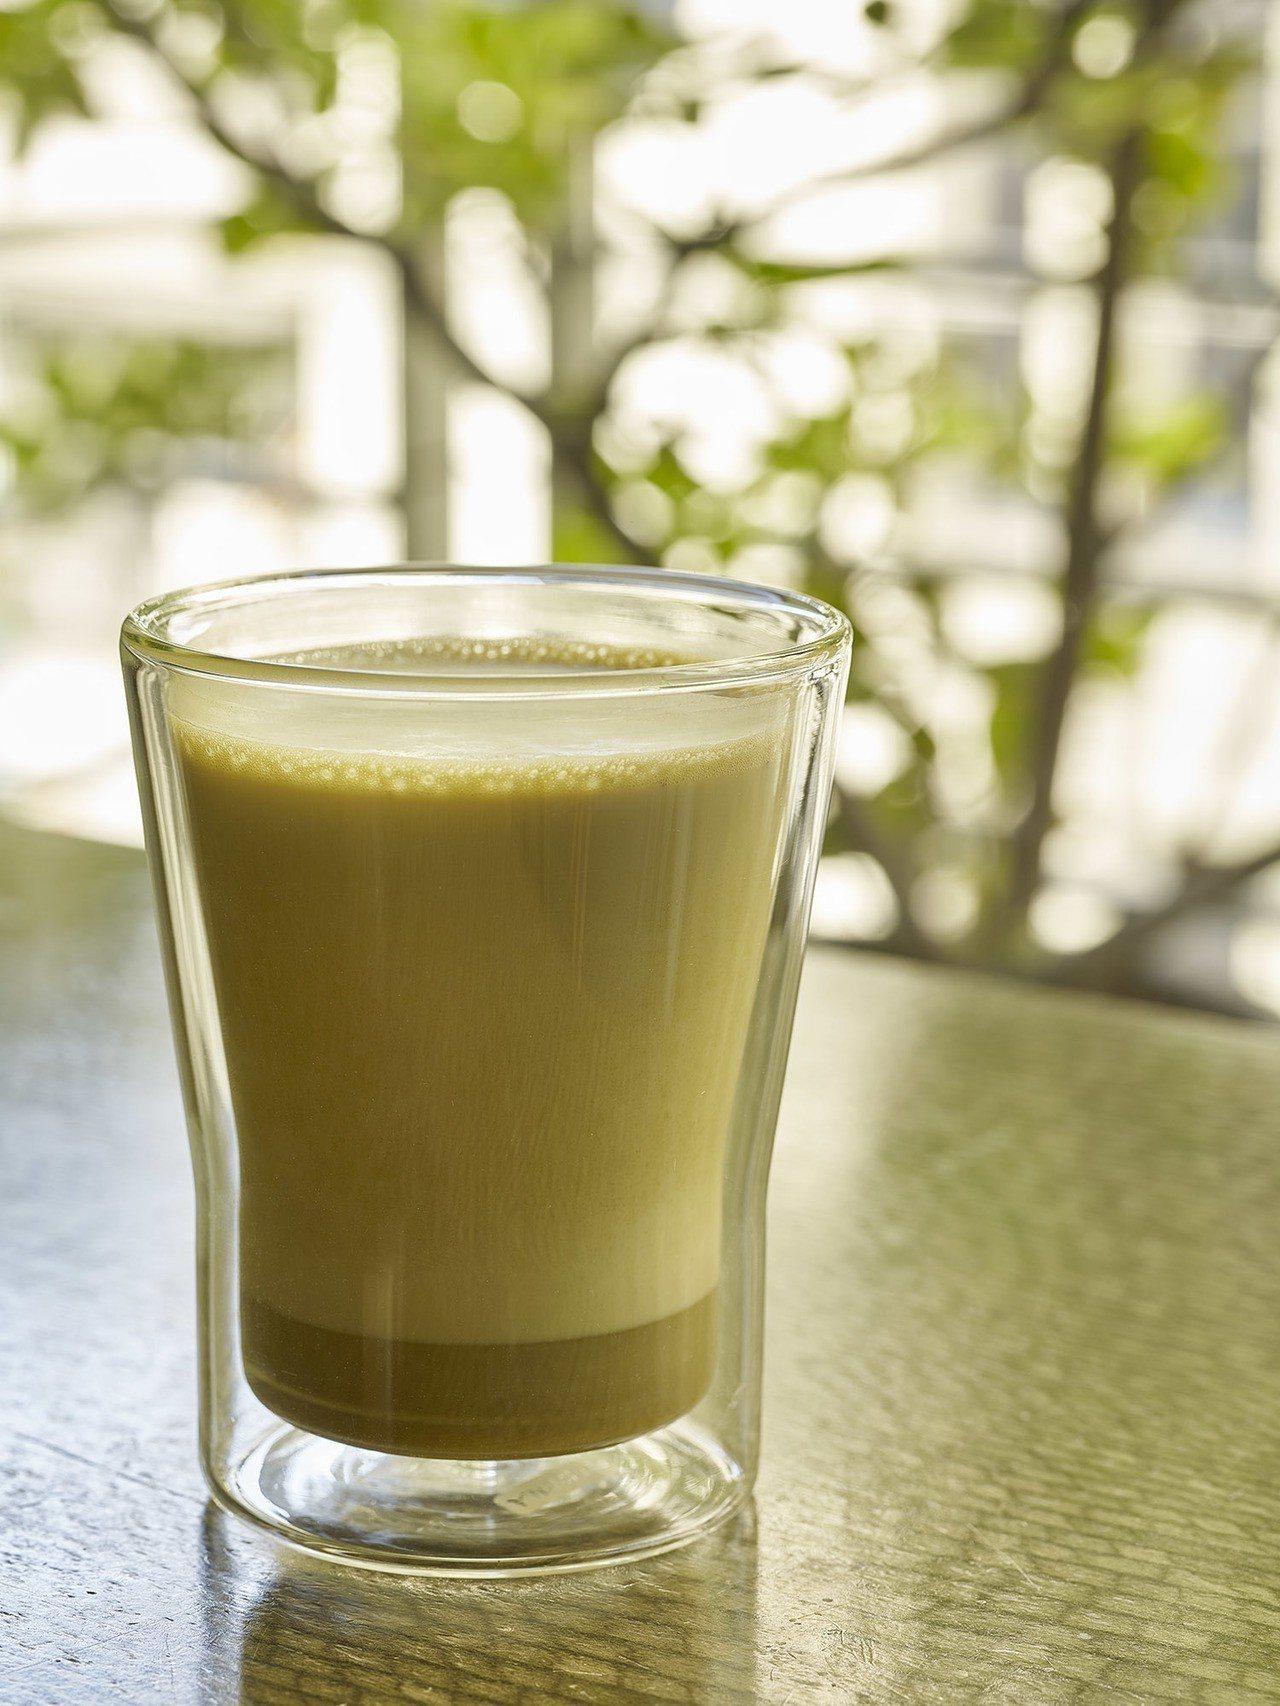 黃梔綠茶歐蕾(熱/冷),售價120元/140 元。圖/小茶栽堂提供